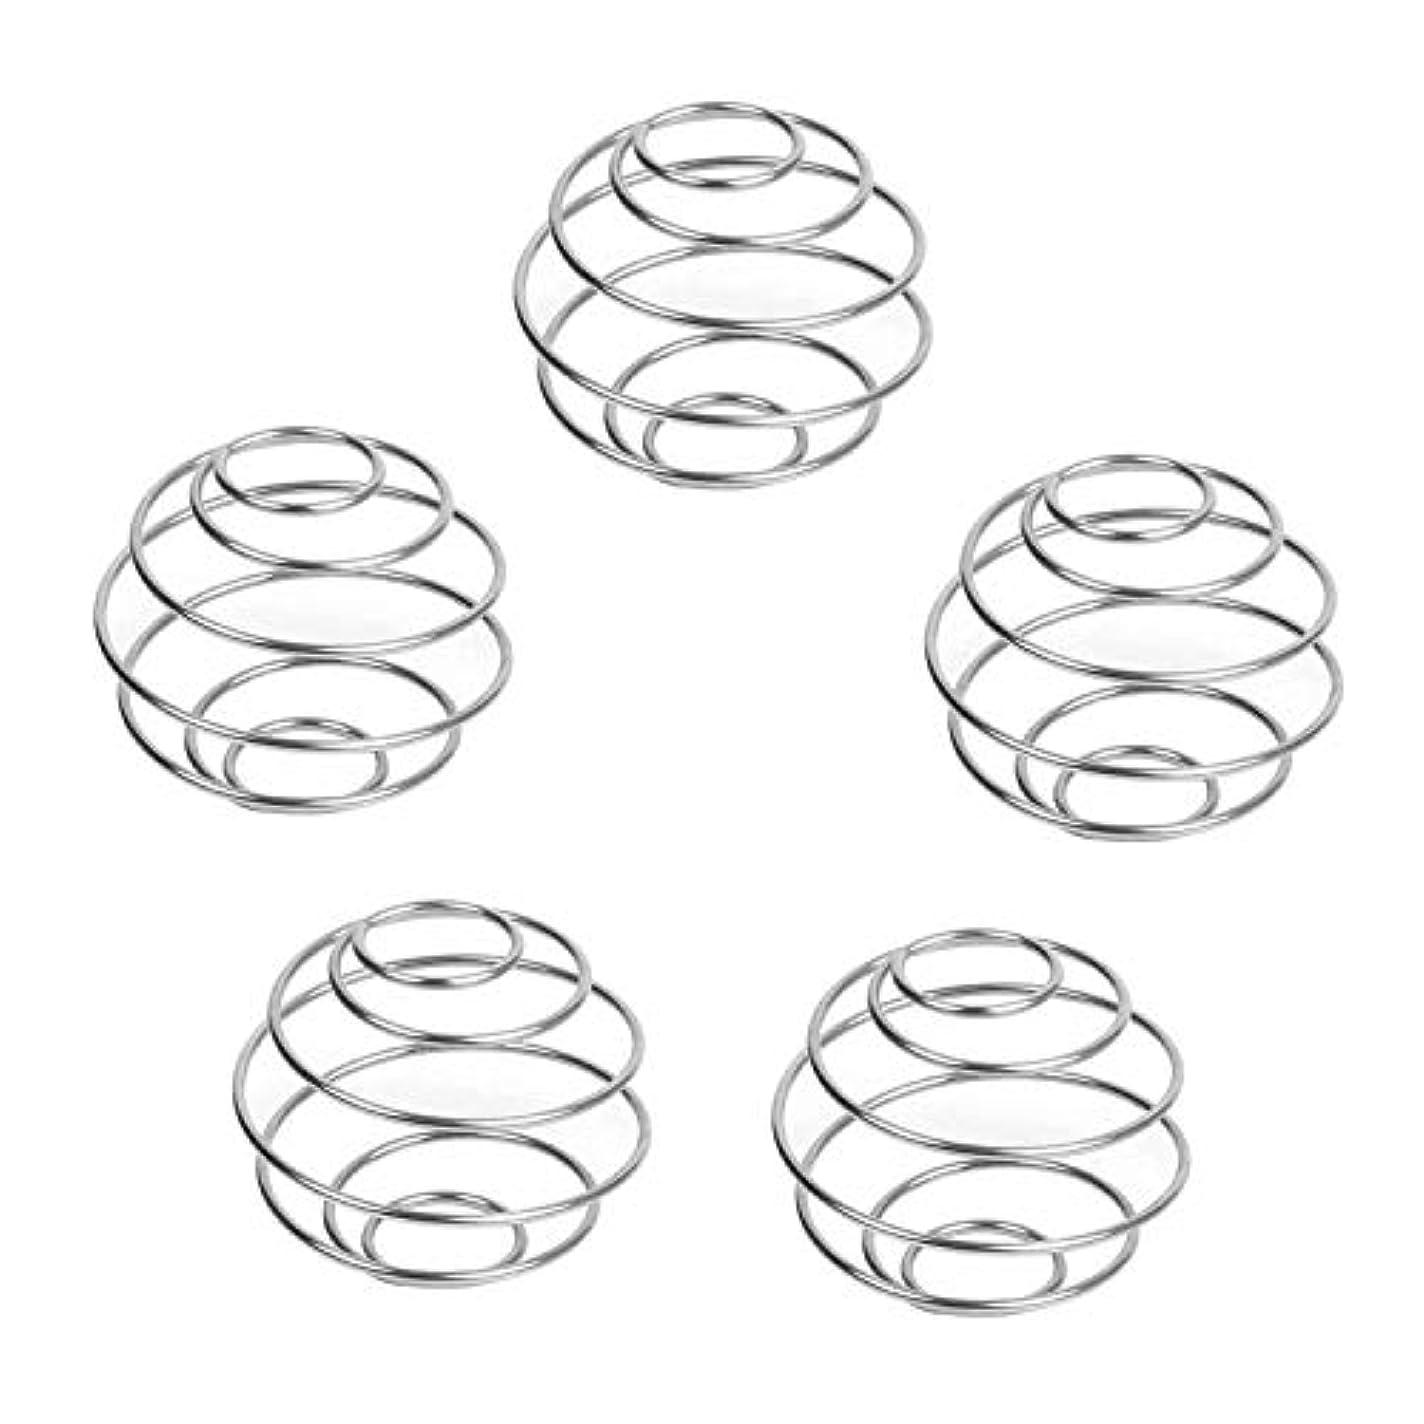 分類ドライ眠りシェーカー用 プロテインのボール ステンレス鋼製 プロテインシェイカーのボール(5個入り)